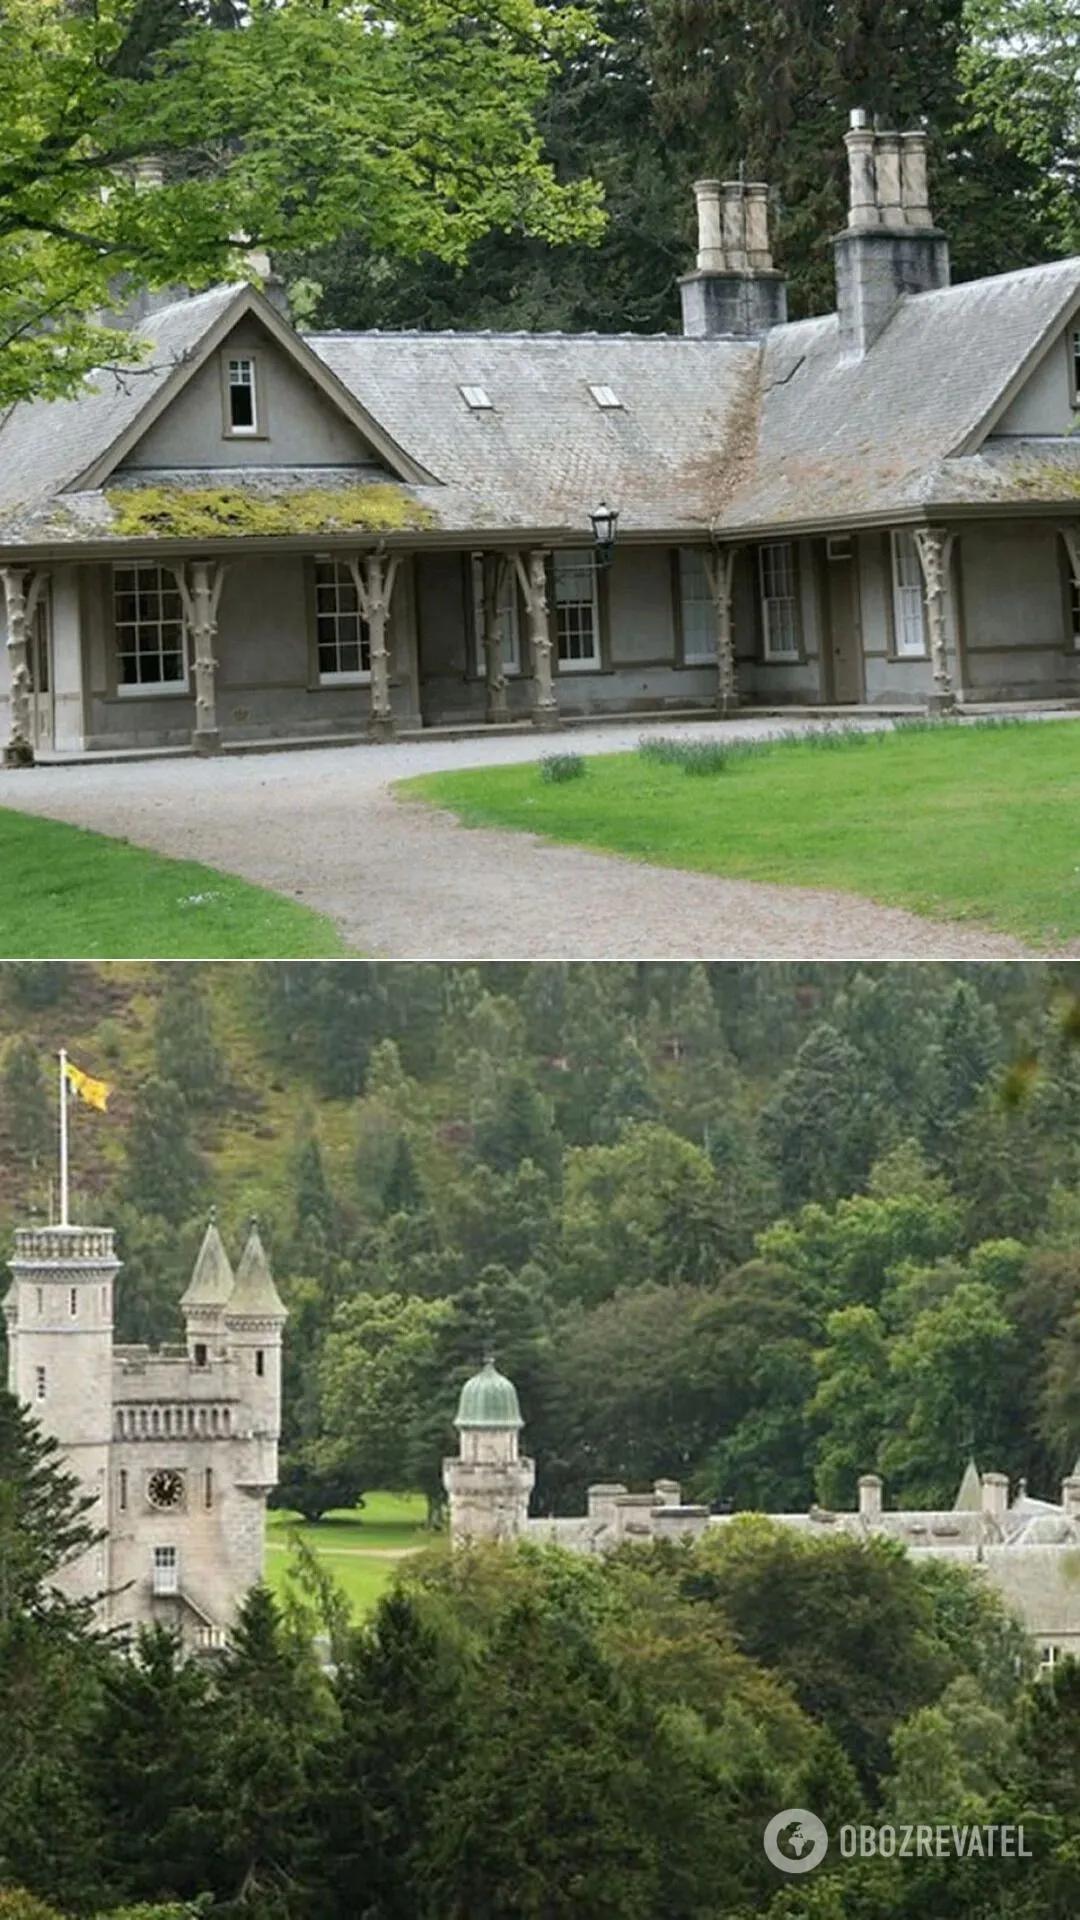 Принц Уильям и Кейт Миддлтон имеют еще одну резиденцию на территории поместья Балморал в Шотландии